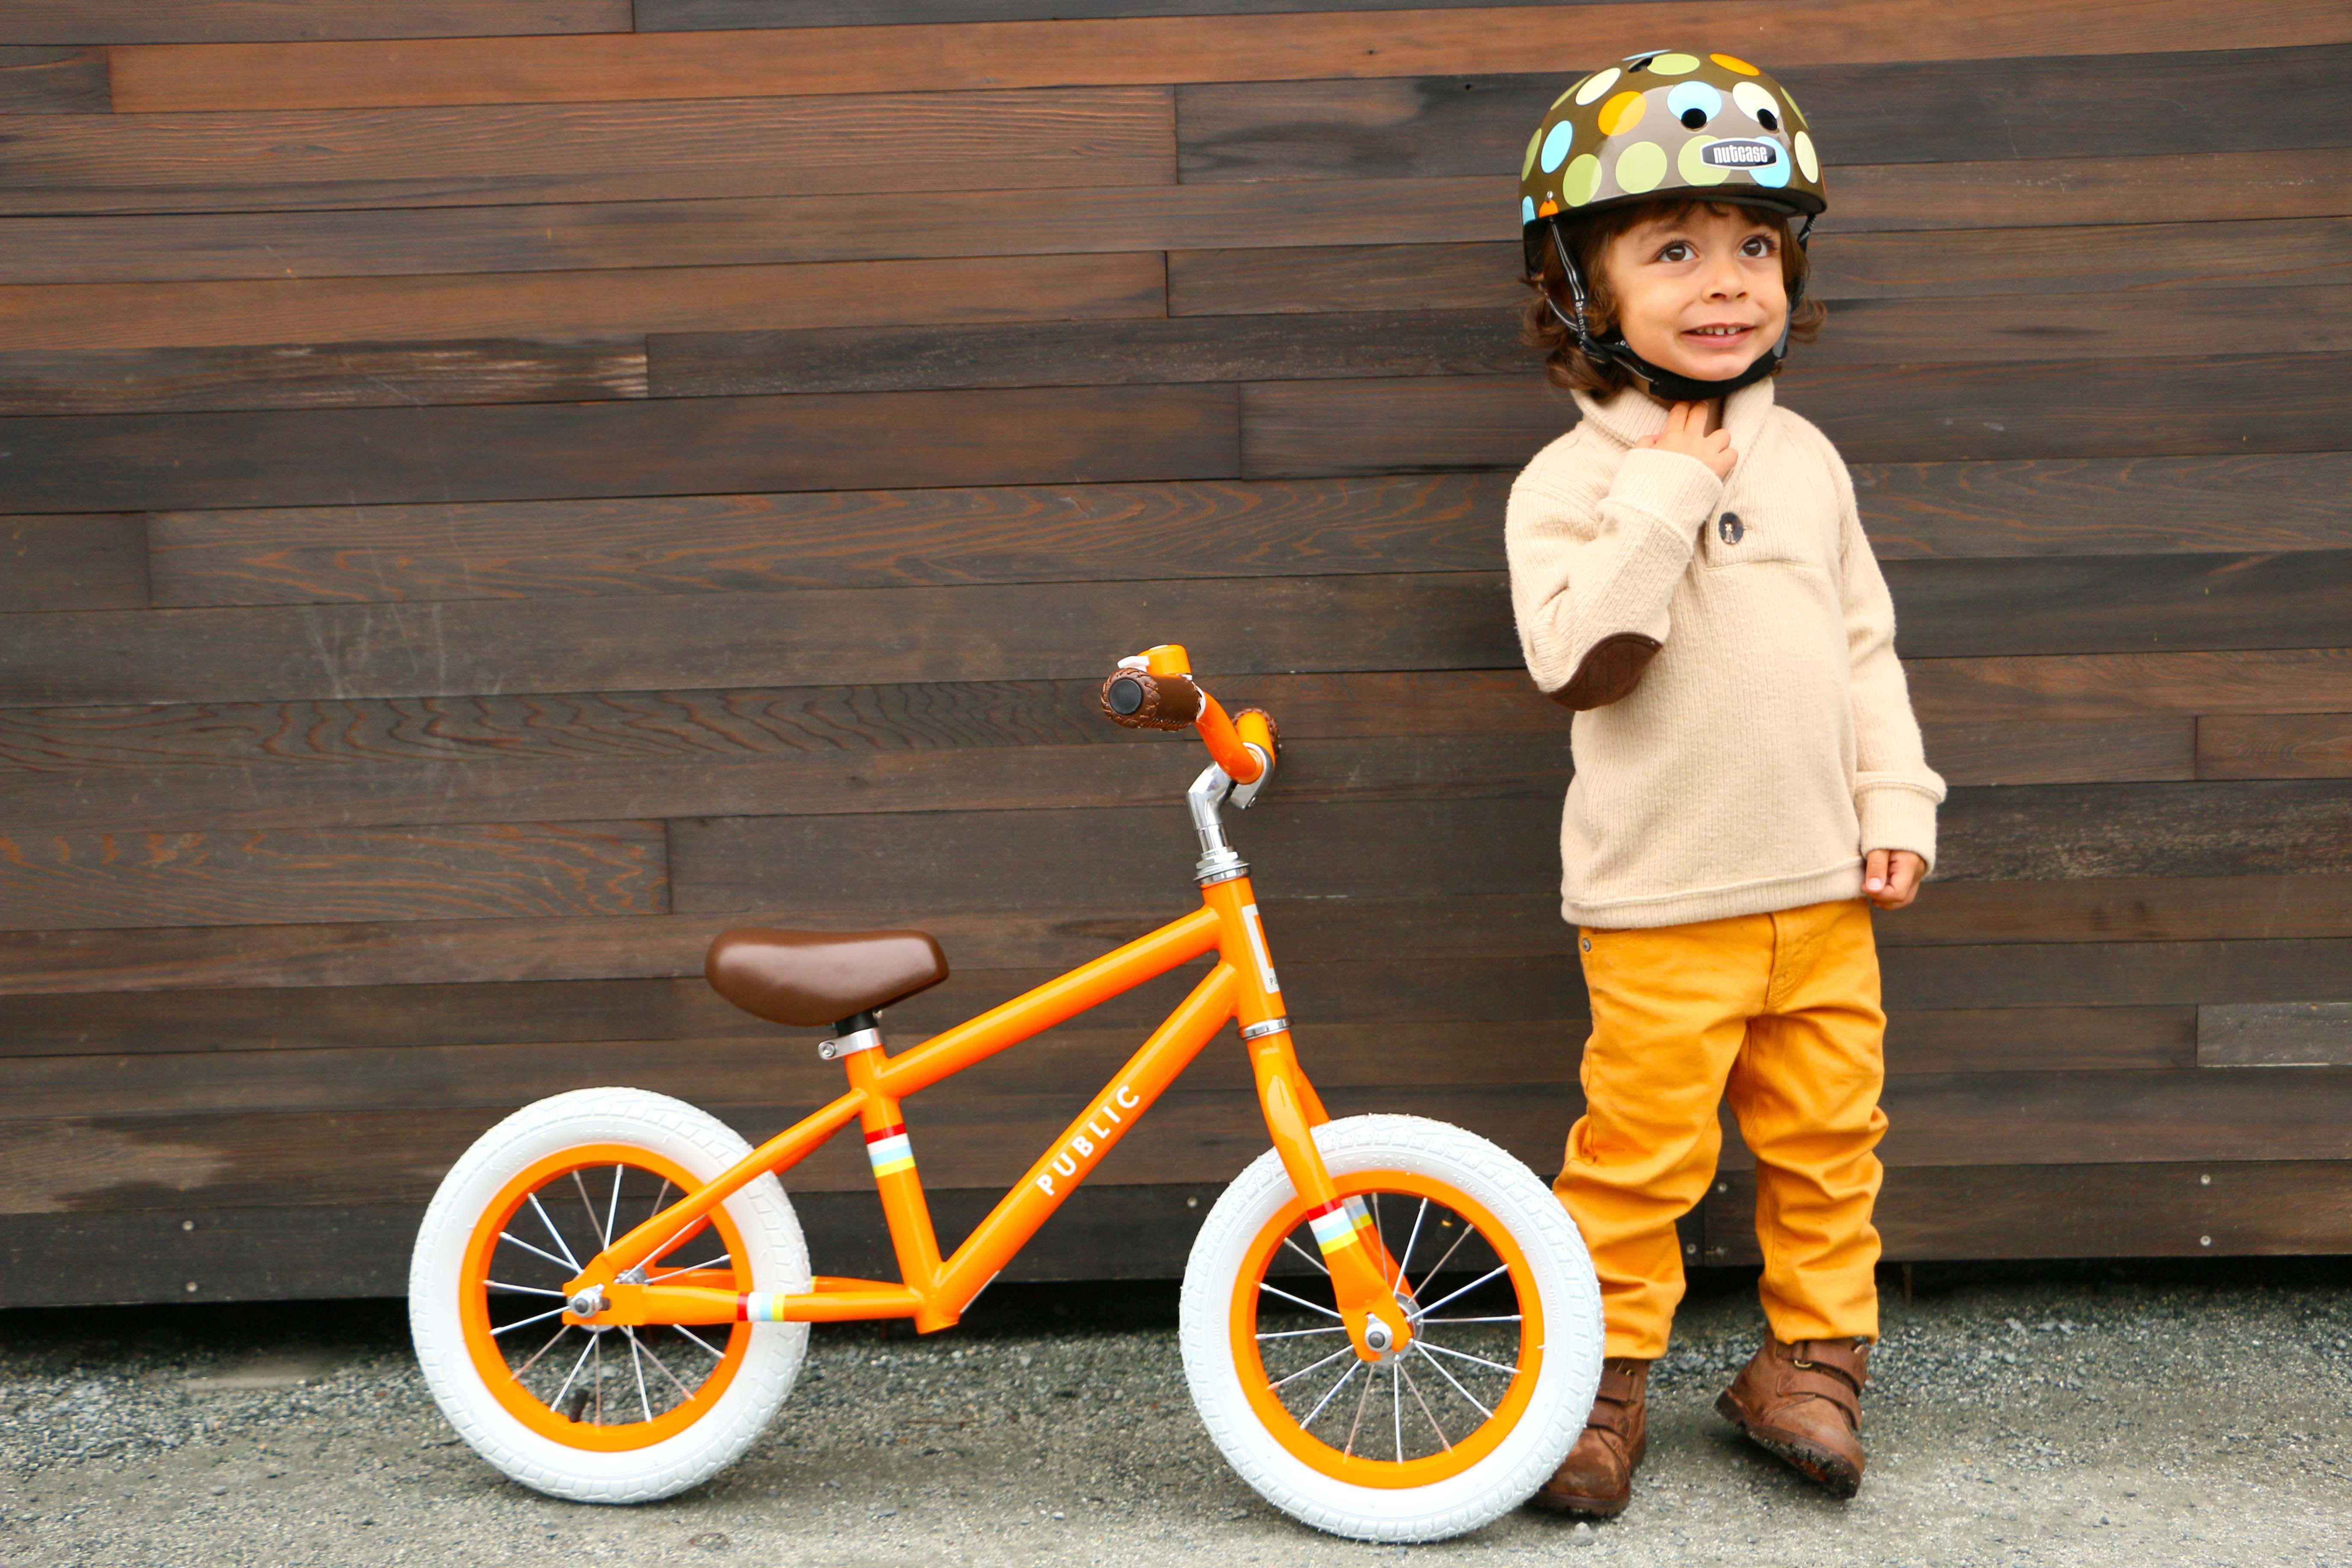 Public Mini Balance Bike In Orange Little Nutty Polka Dot Helmet